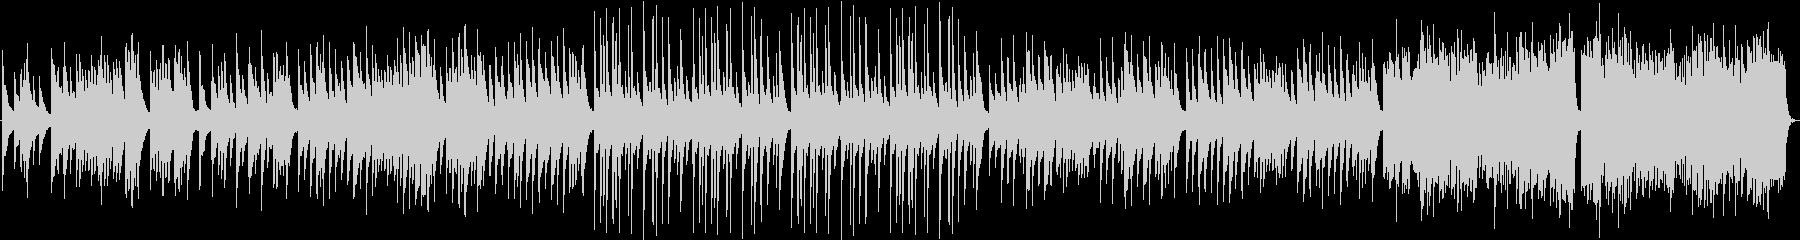 お正月の歌3曲メドレー(琴,笛)の未再生の波形